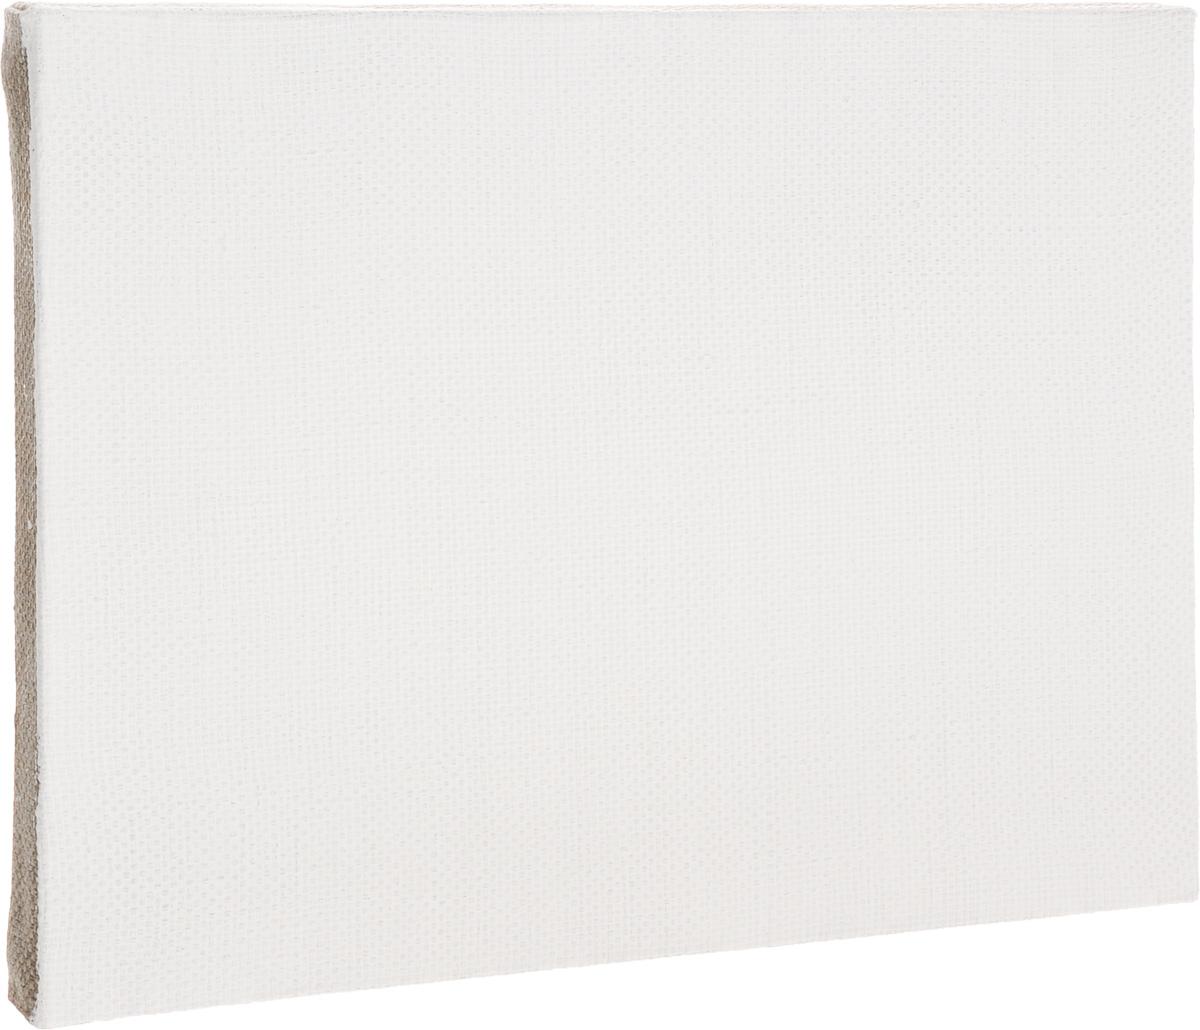 Холст ArtQuaDram Репинский на подрамнике, грунтованный, 24 х 30 смТ0003906Холст на деревянном подрамнике ArtQuaDram Репинский изготовлен из 100% натурального льна. Подходит для профессионалов и художников. Холст не трескается, не впитывает слишком много краски, цвет краски и качество не изменяются. Холст идеально подходит для масляной и акриловой живописи.